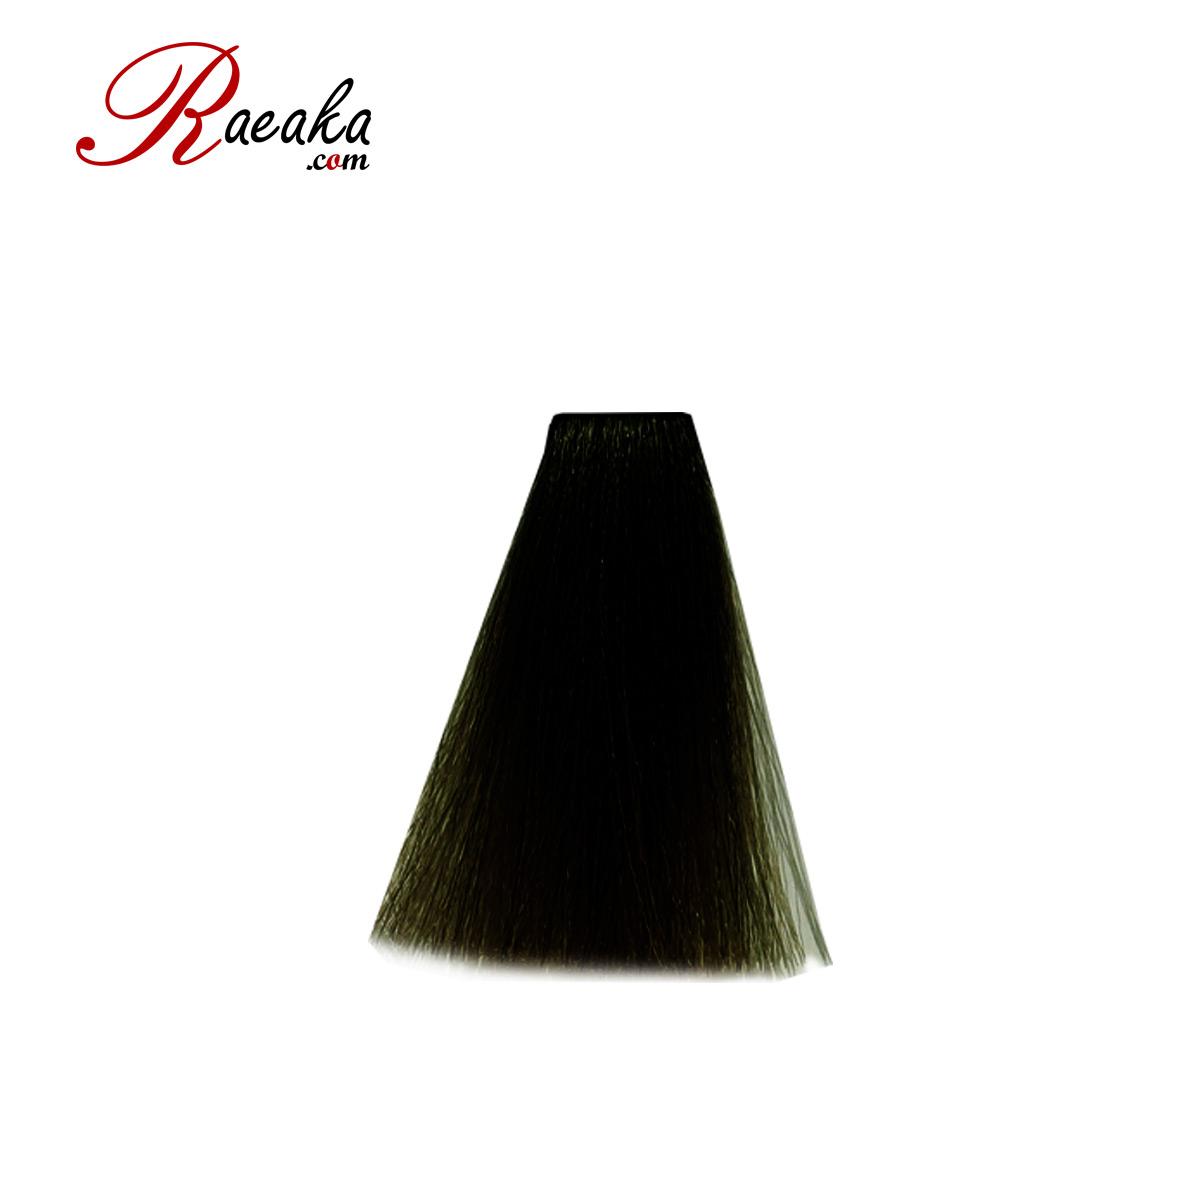 رنگ مو دوشس سری زیتونی شماره M3 4-7 حجم 125 میلی لیتر